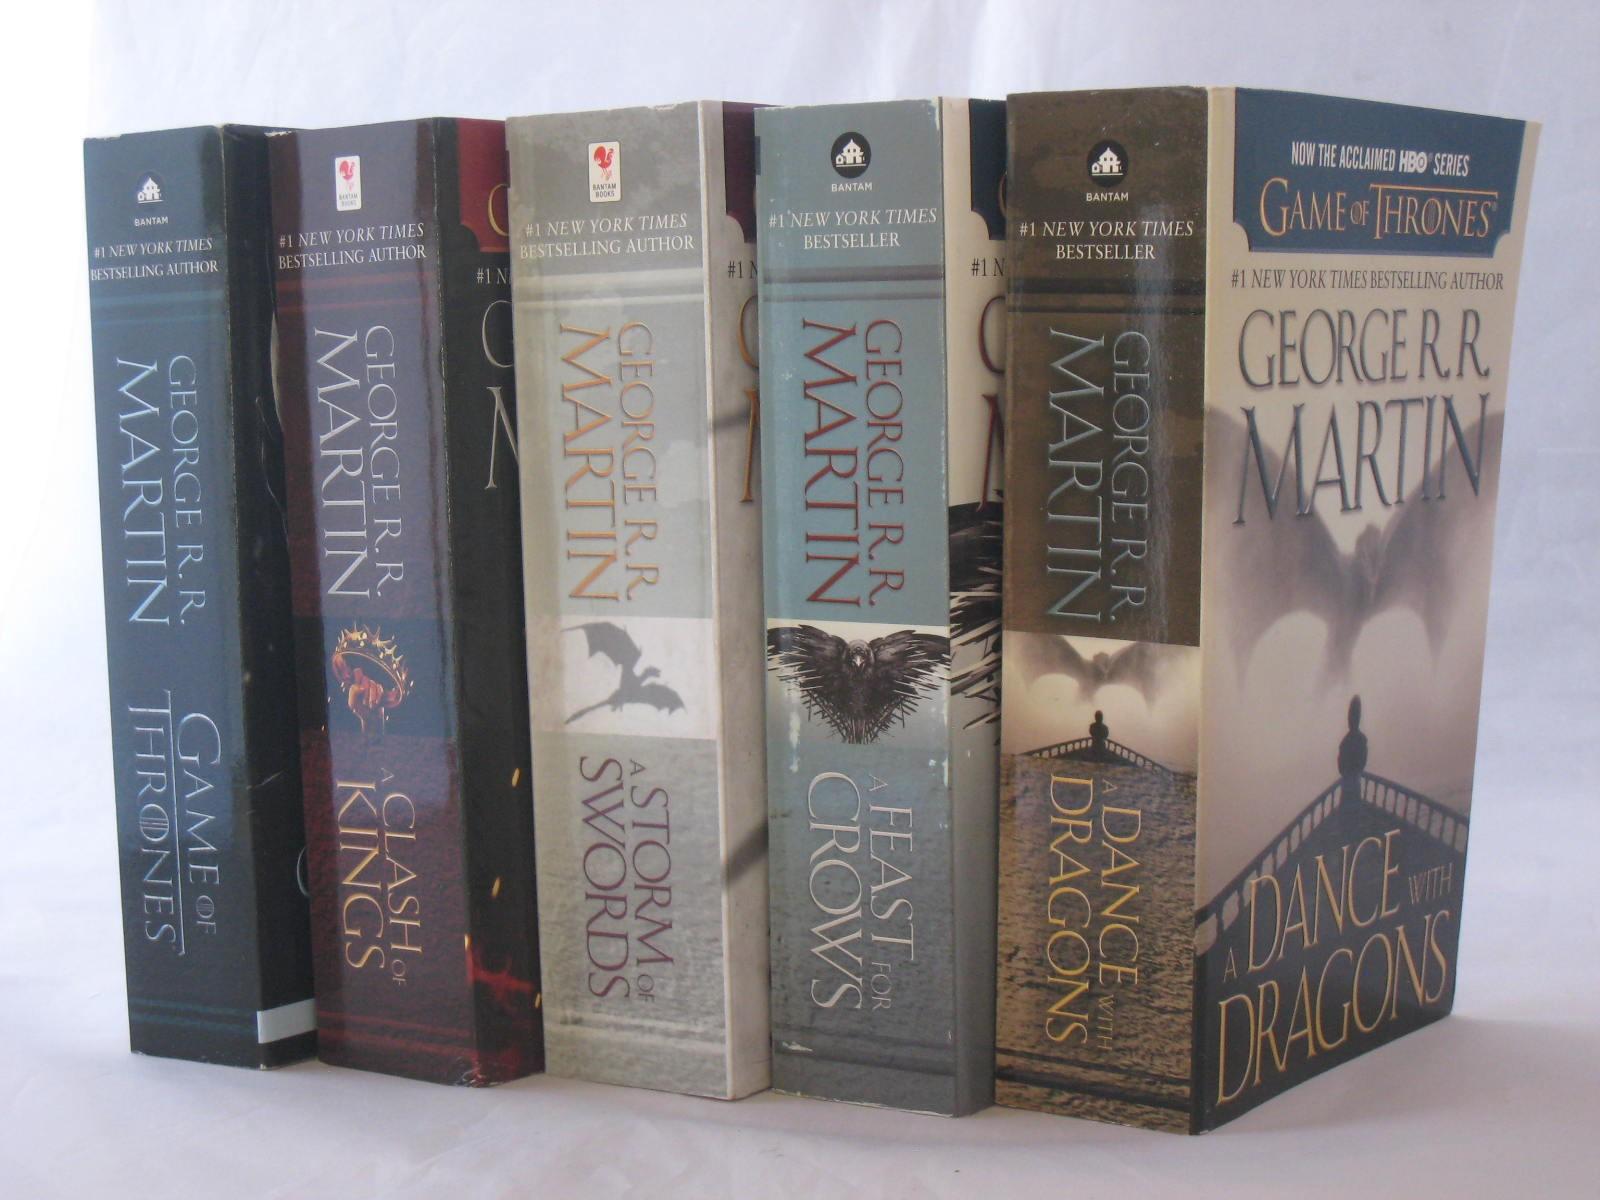 Guida alla lettura dei libri a cui è ispirato Game of Thrones | Don't Panic thumbnail